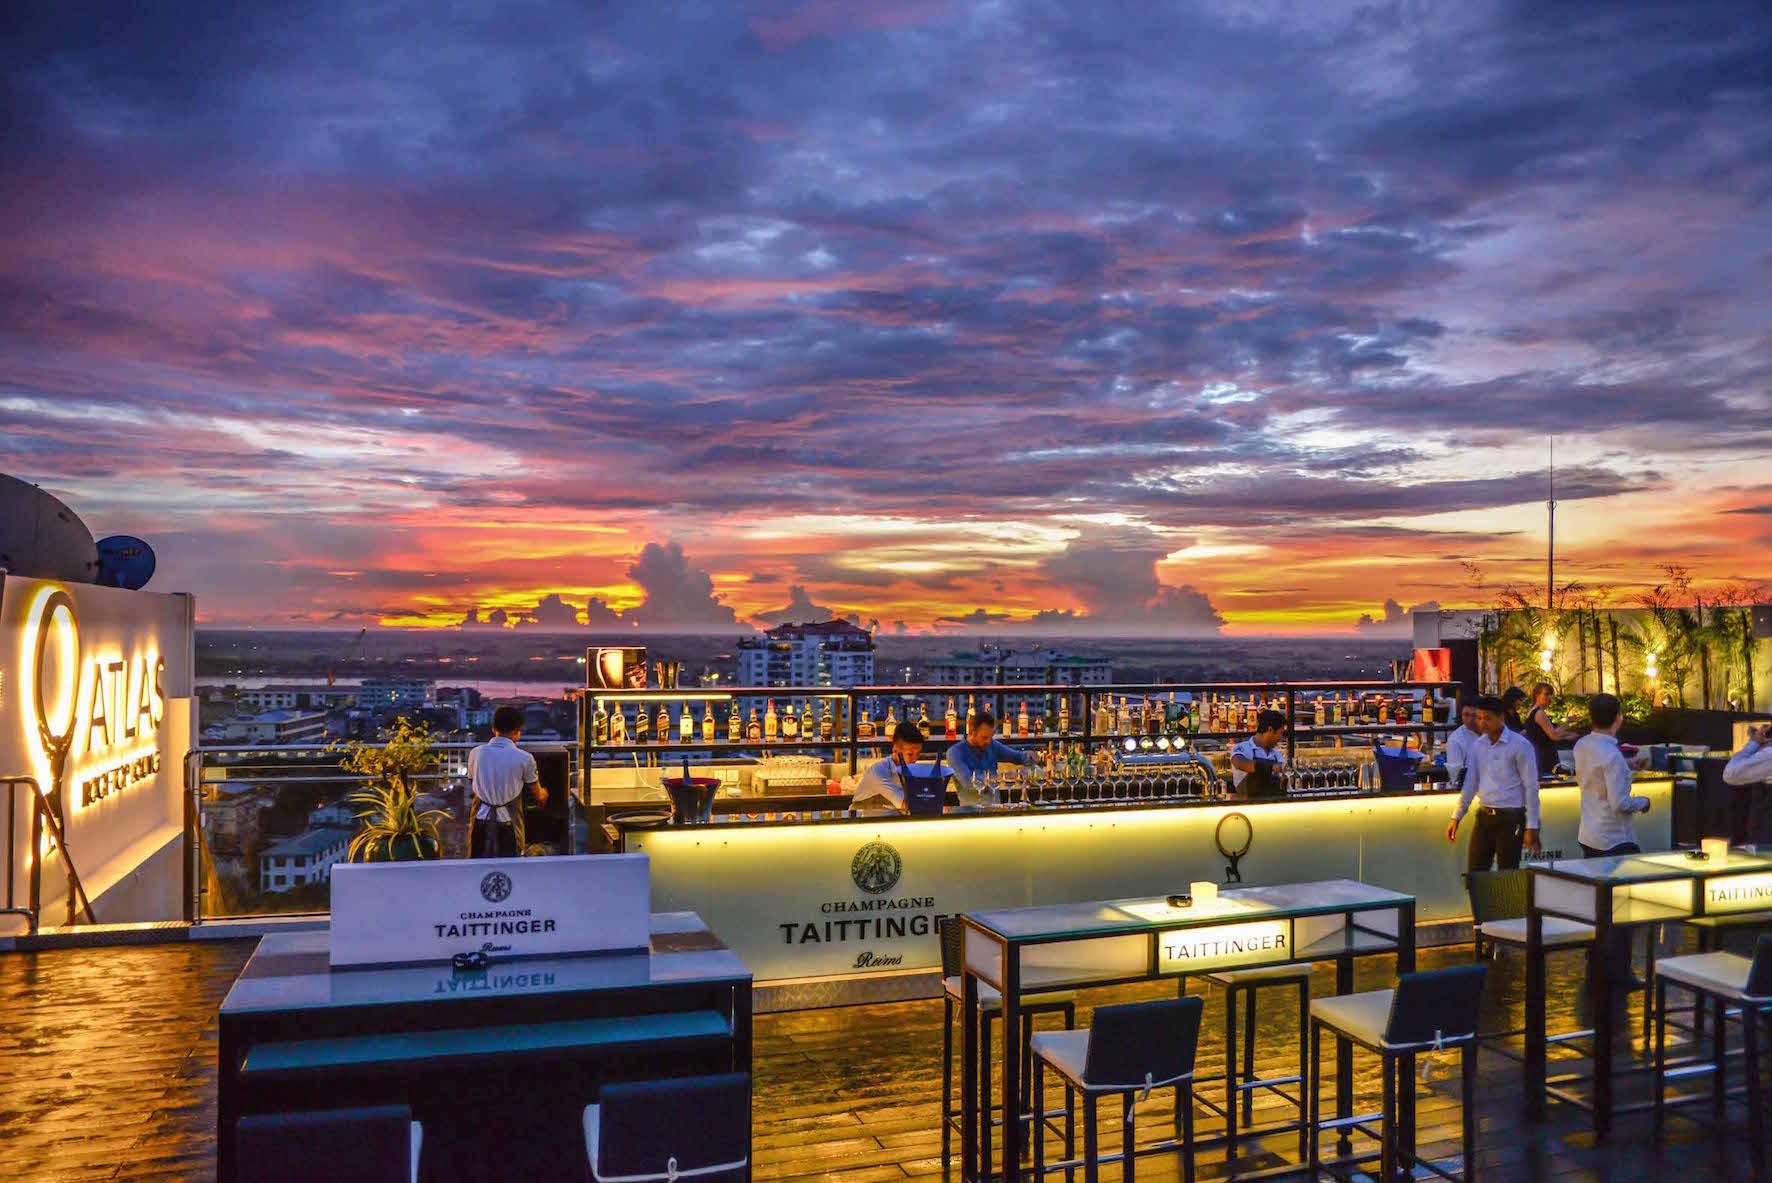 Ausblick auf die Bar und Himmel von der Atlas Rooftop Bar in Yangon